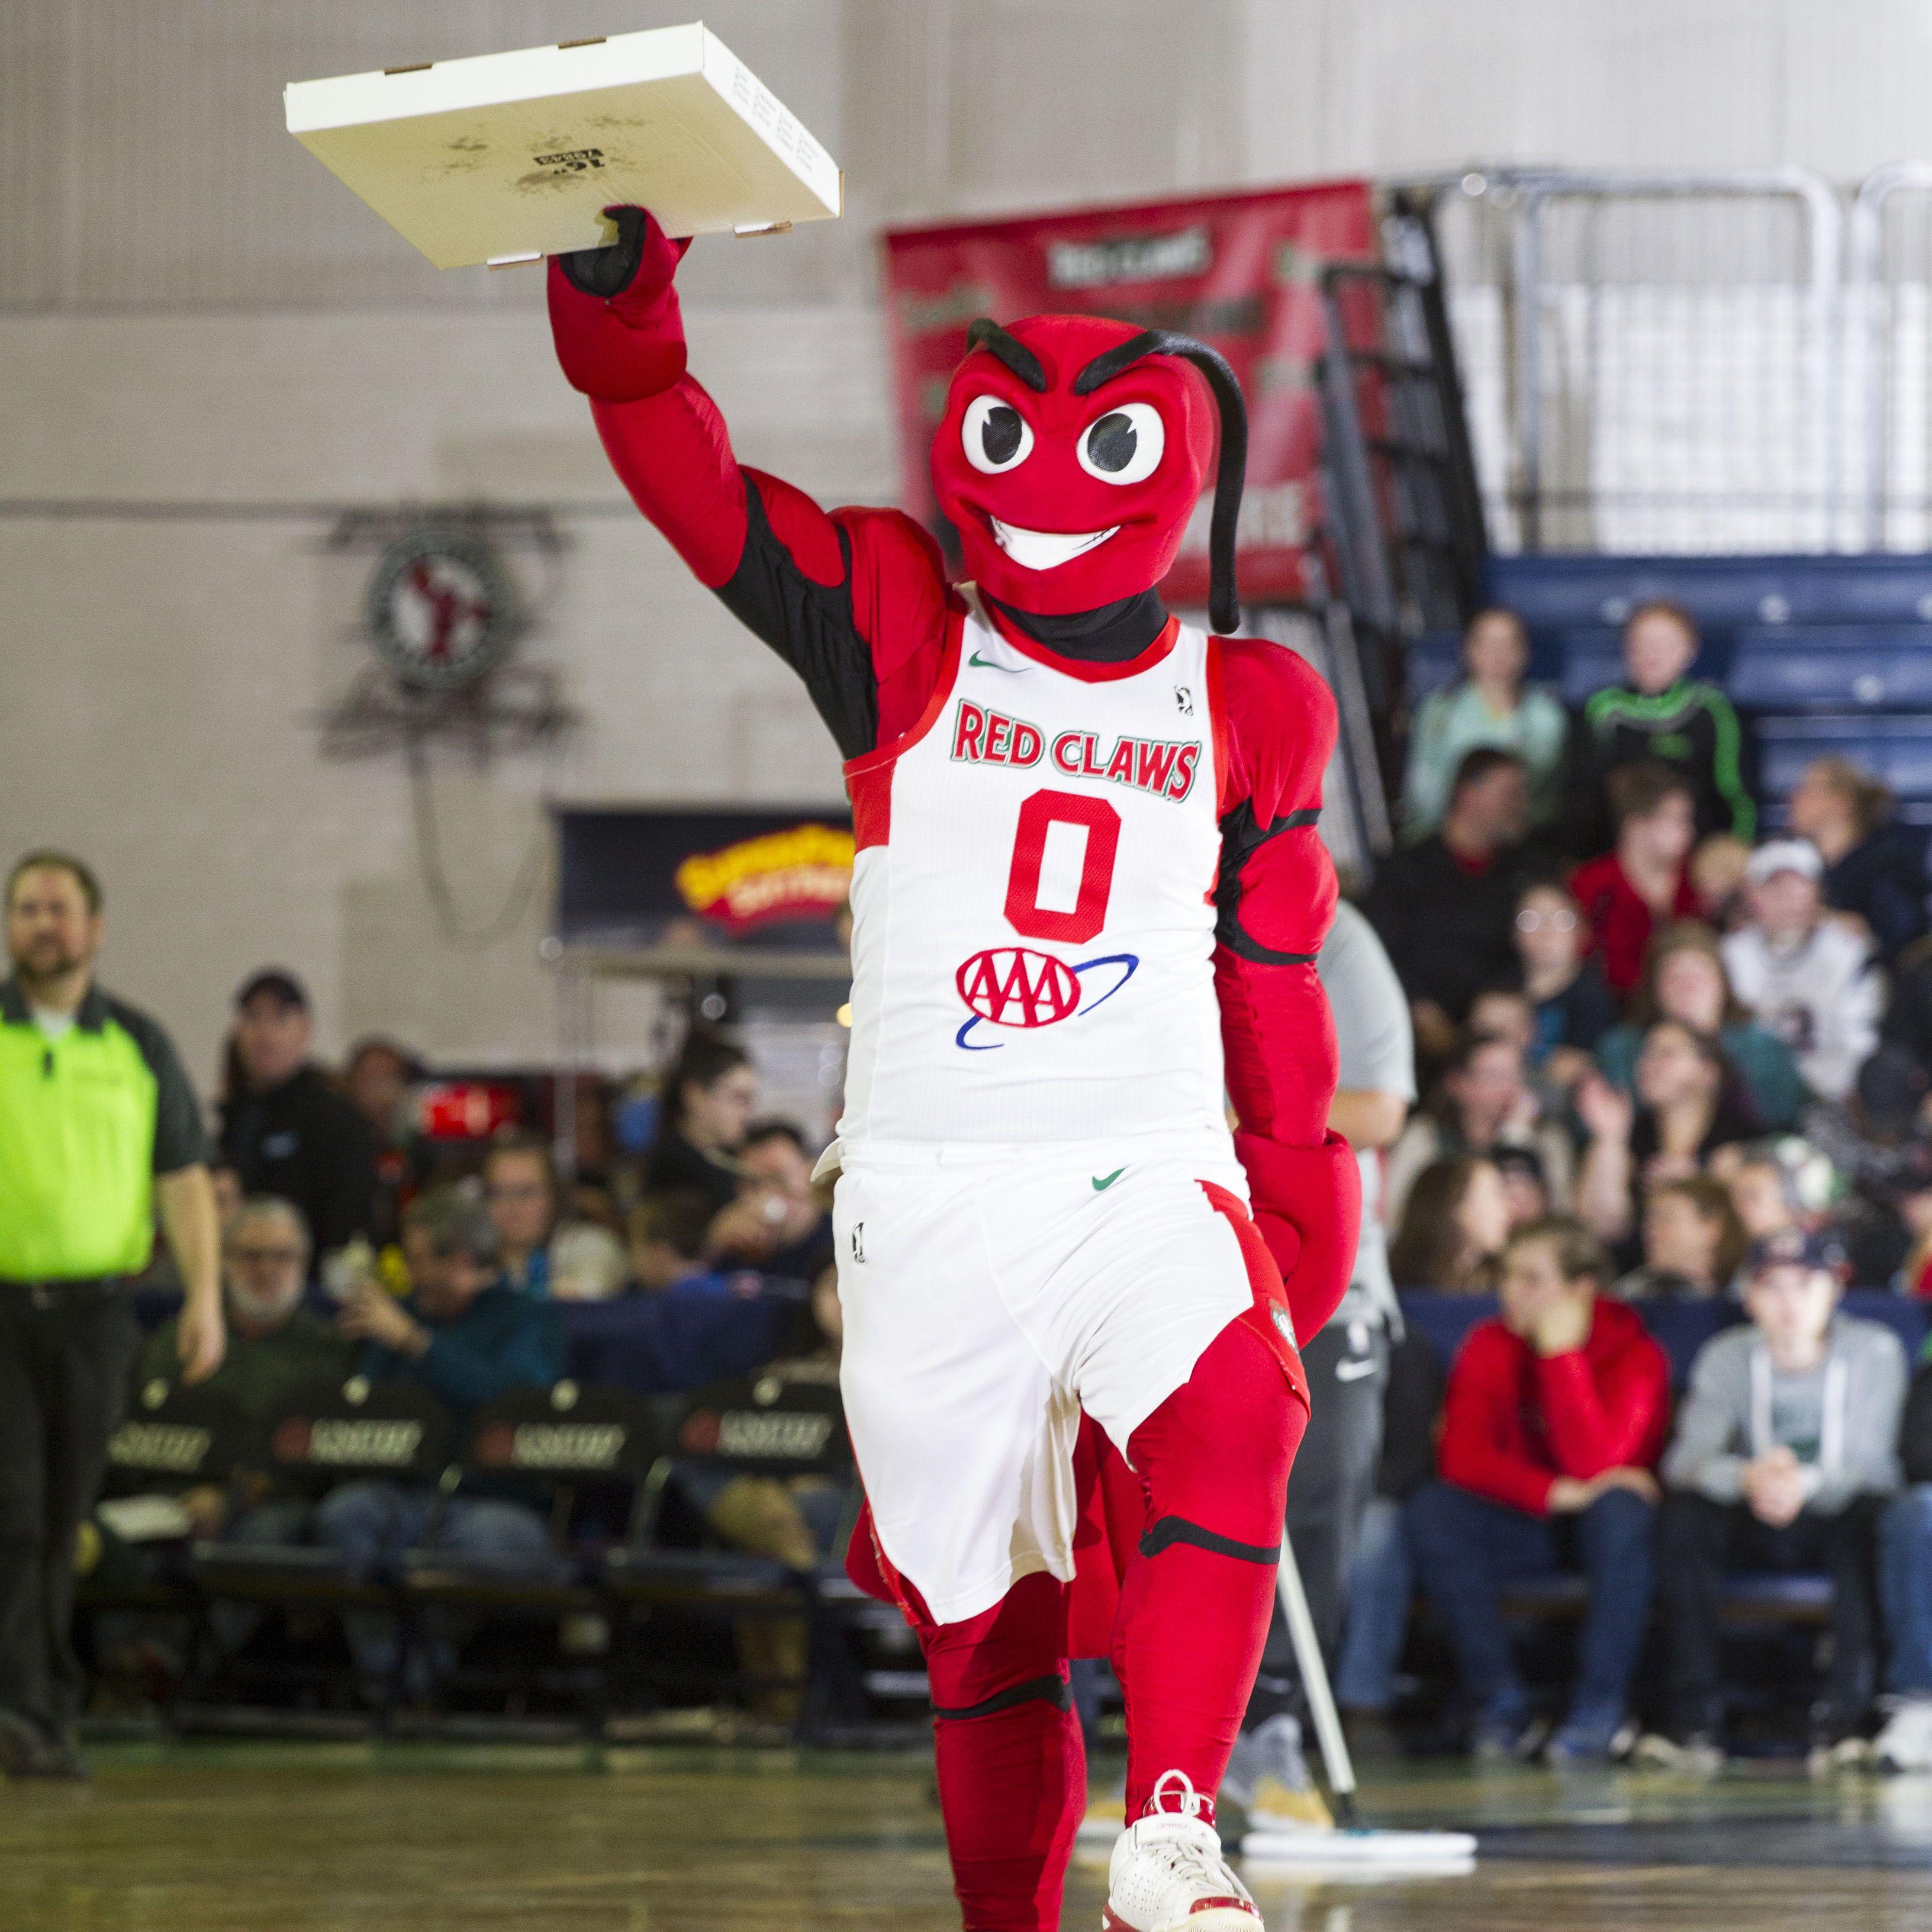 Mascota de Maine Red Claws